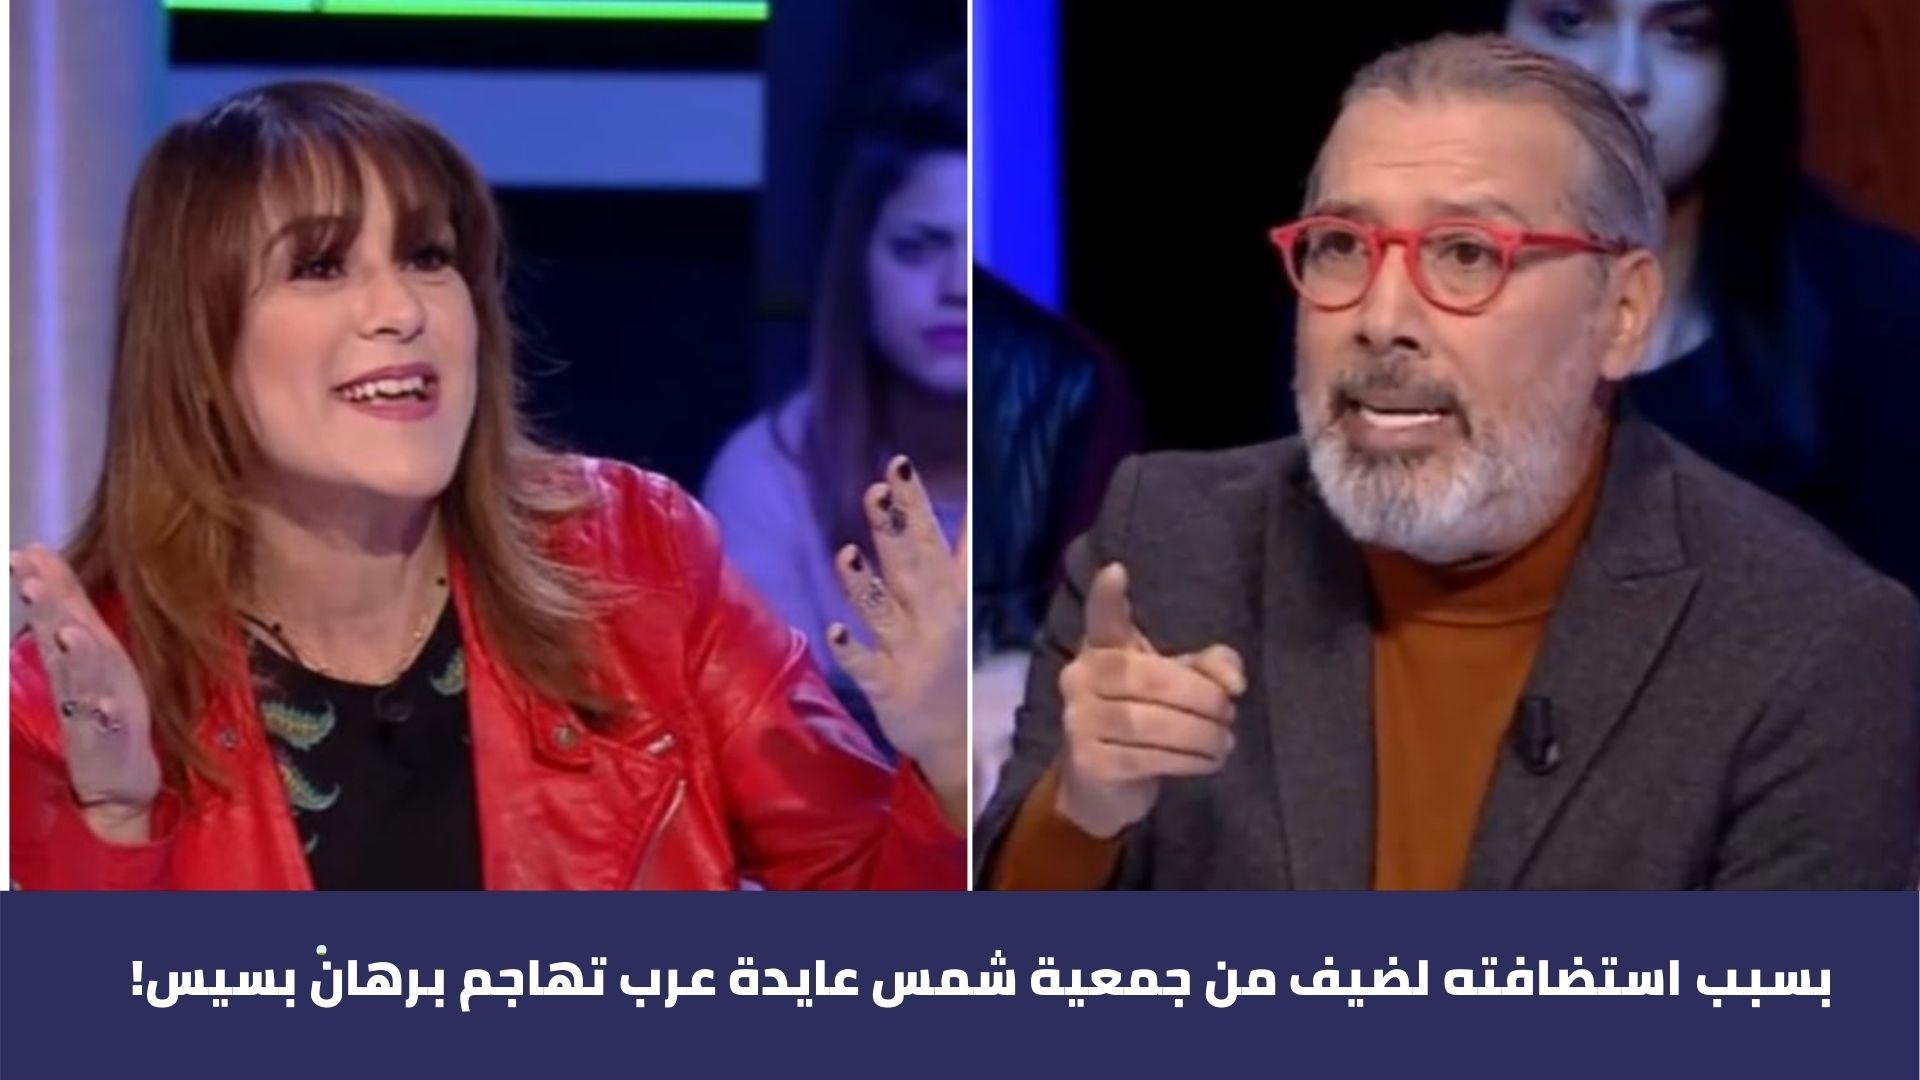 بسبب استضافته لضيف من جمعية شمس عايدة عرب تهاجم برهان بسيس !